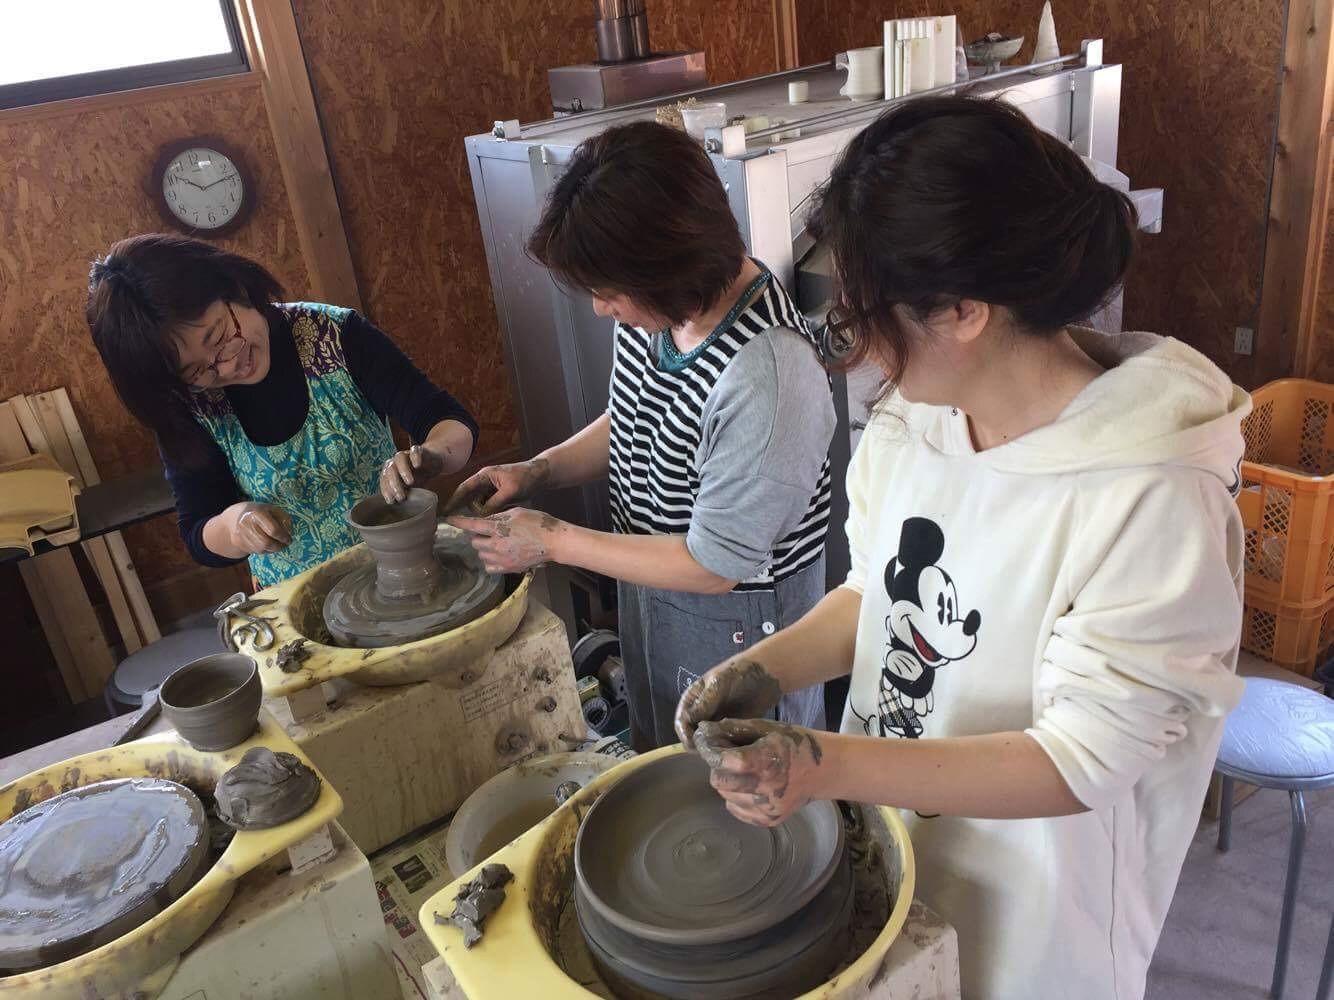 世界にひとつだけの器を作ろう!陶芸教室体験